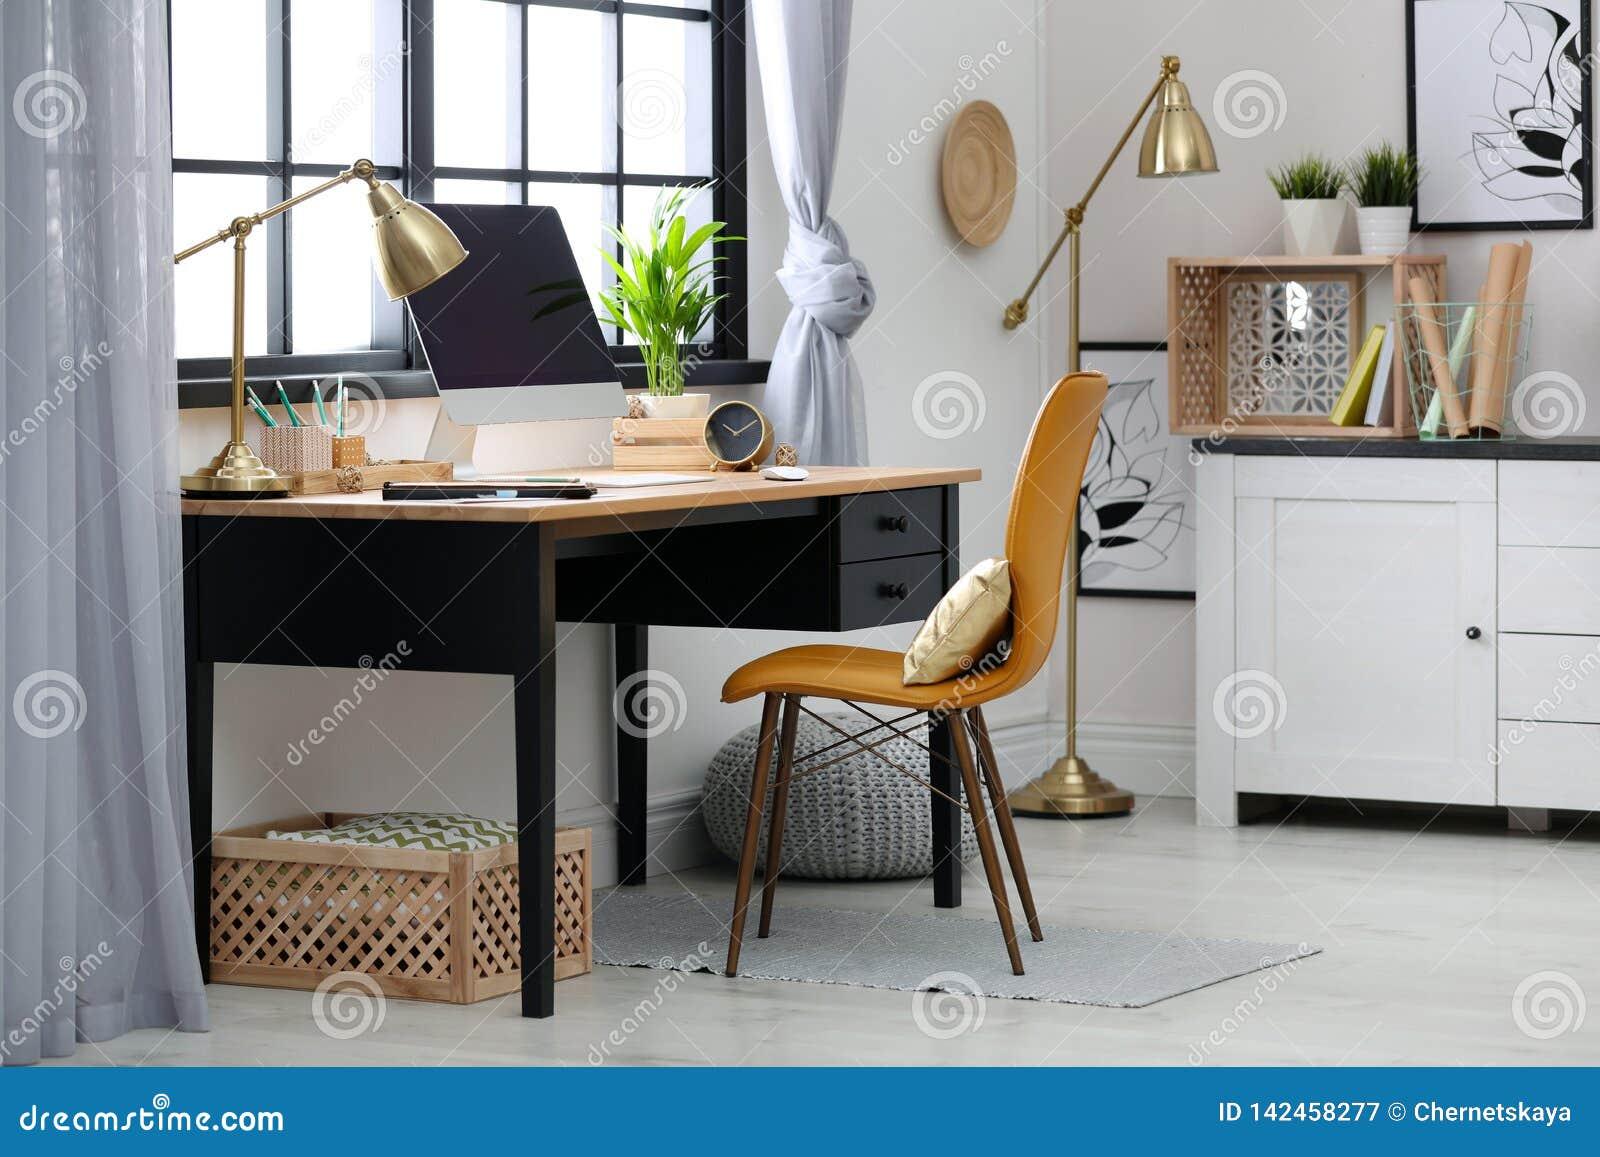 Moderne huiswerkplaats met houten kratten